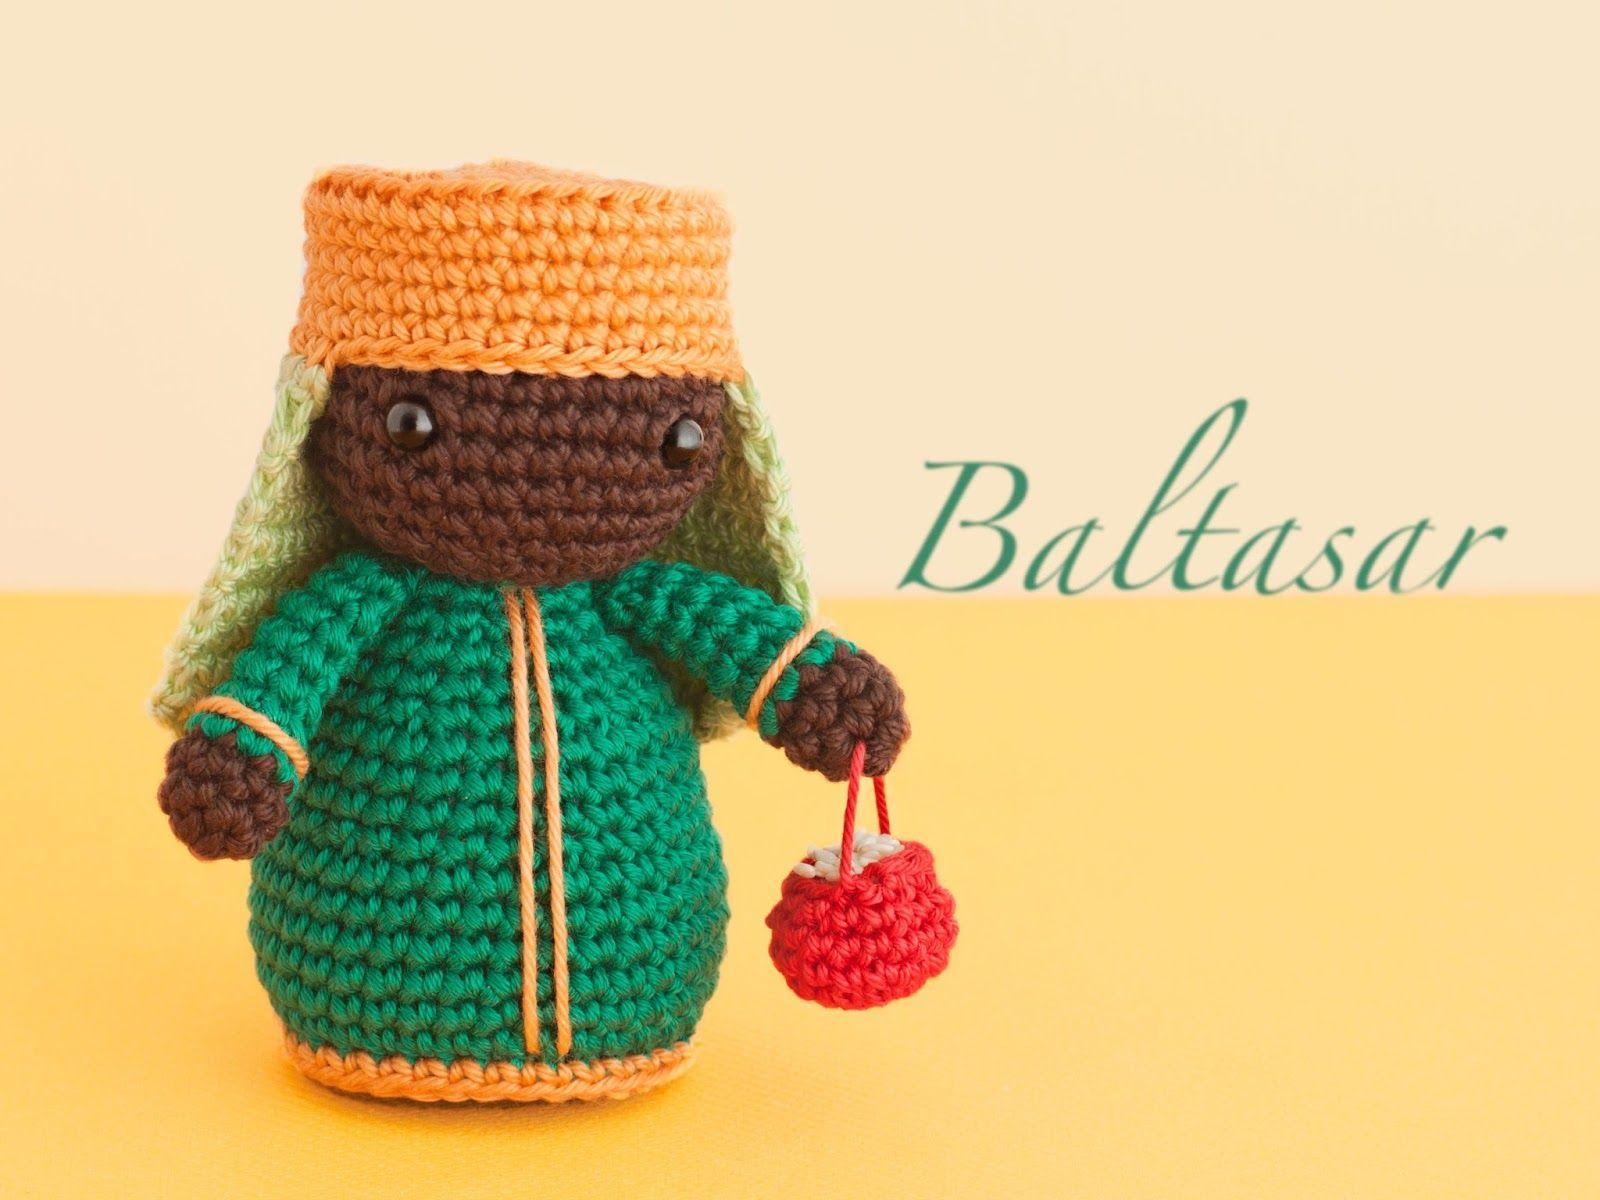 Tutorial De Amigurumis Navideños : Amigurumi magi balthazar free crochet pattern tutorial merry